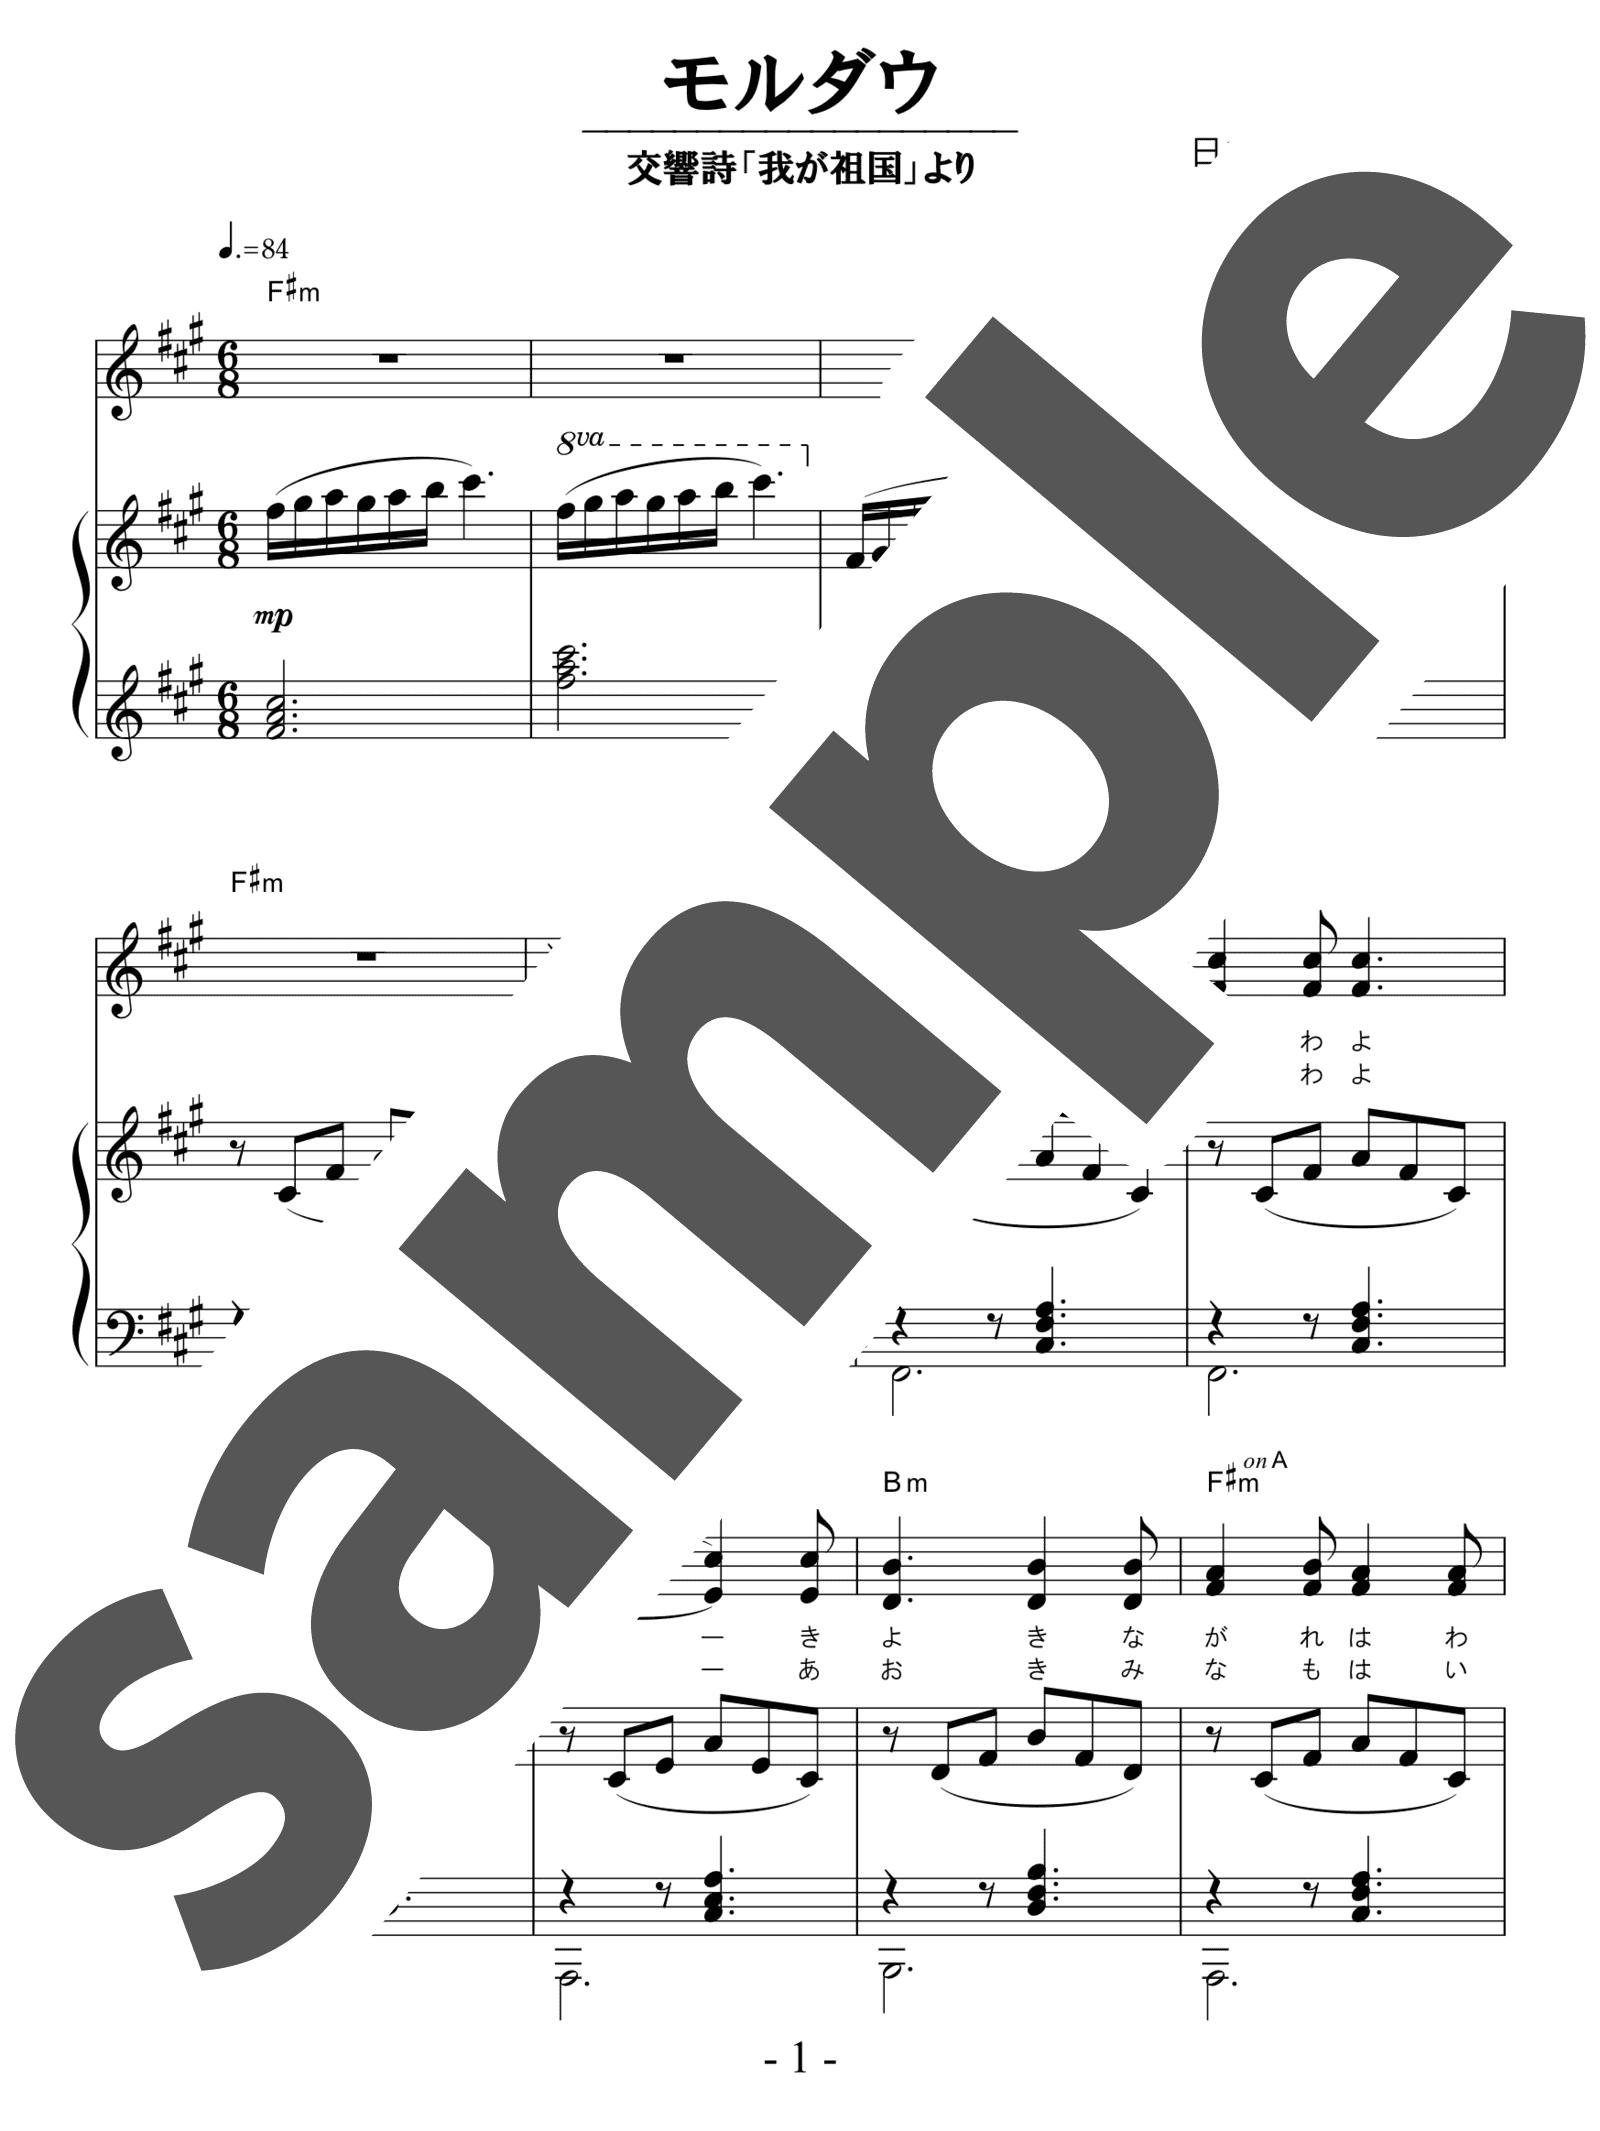 「モルダウ」のサンプル楽譜